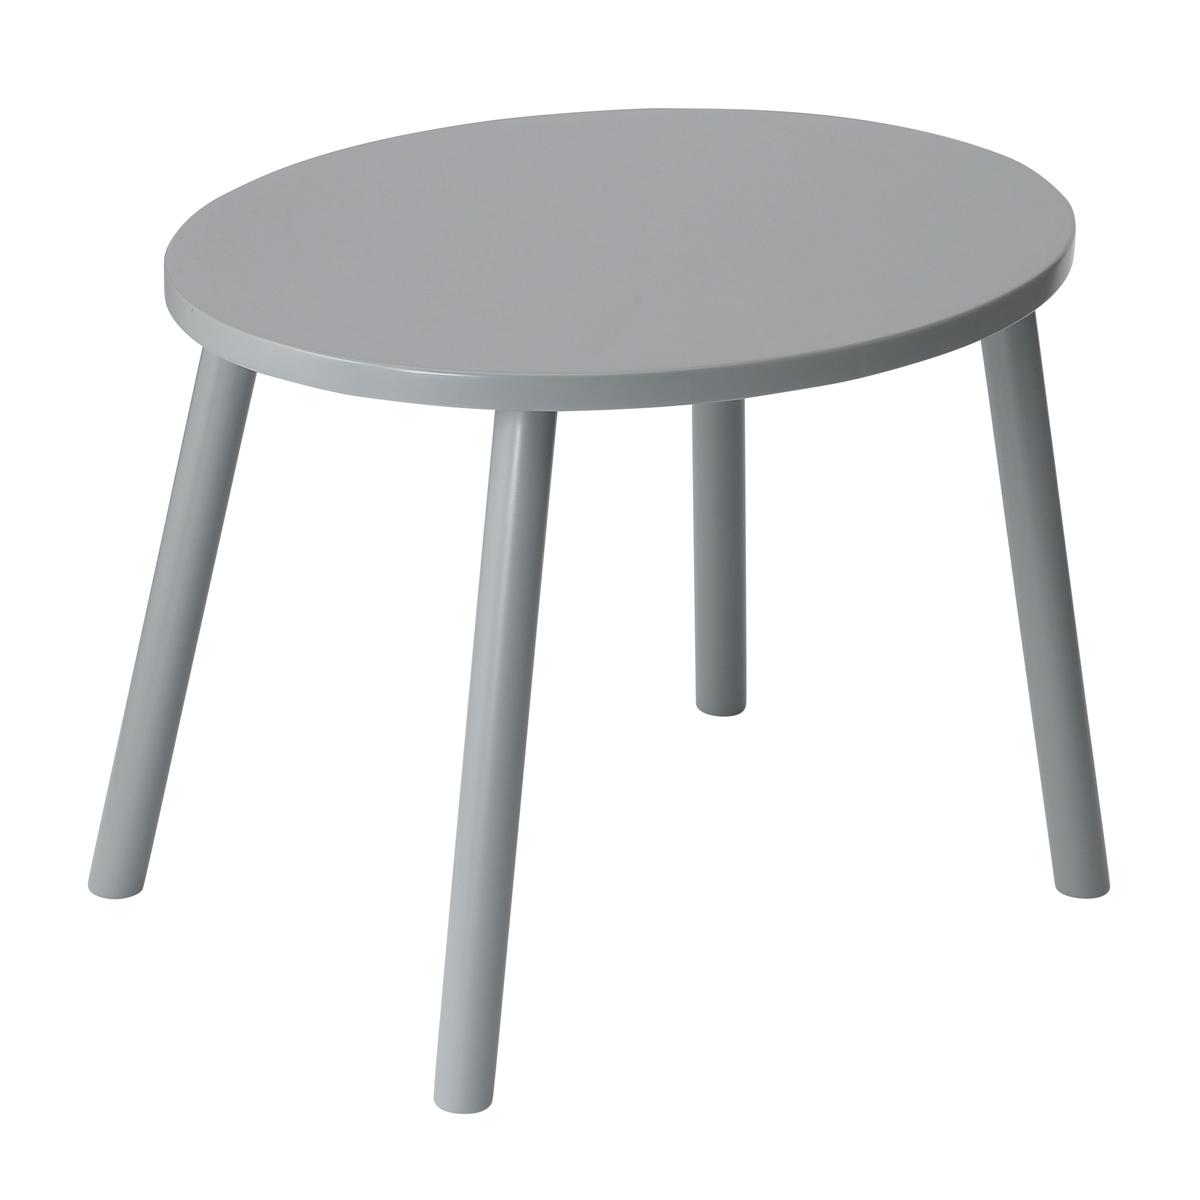 Nofred børnebord Mouse Table, grå